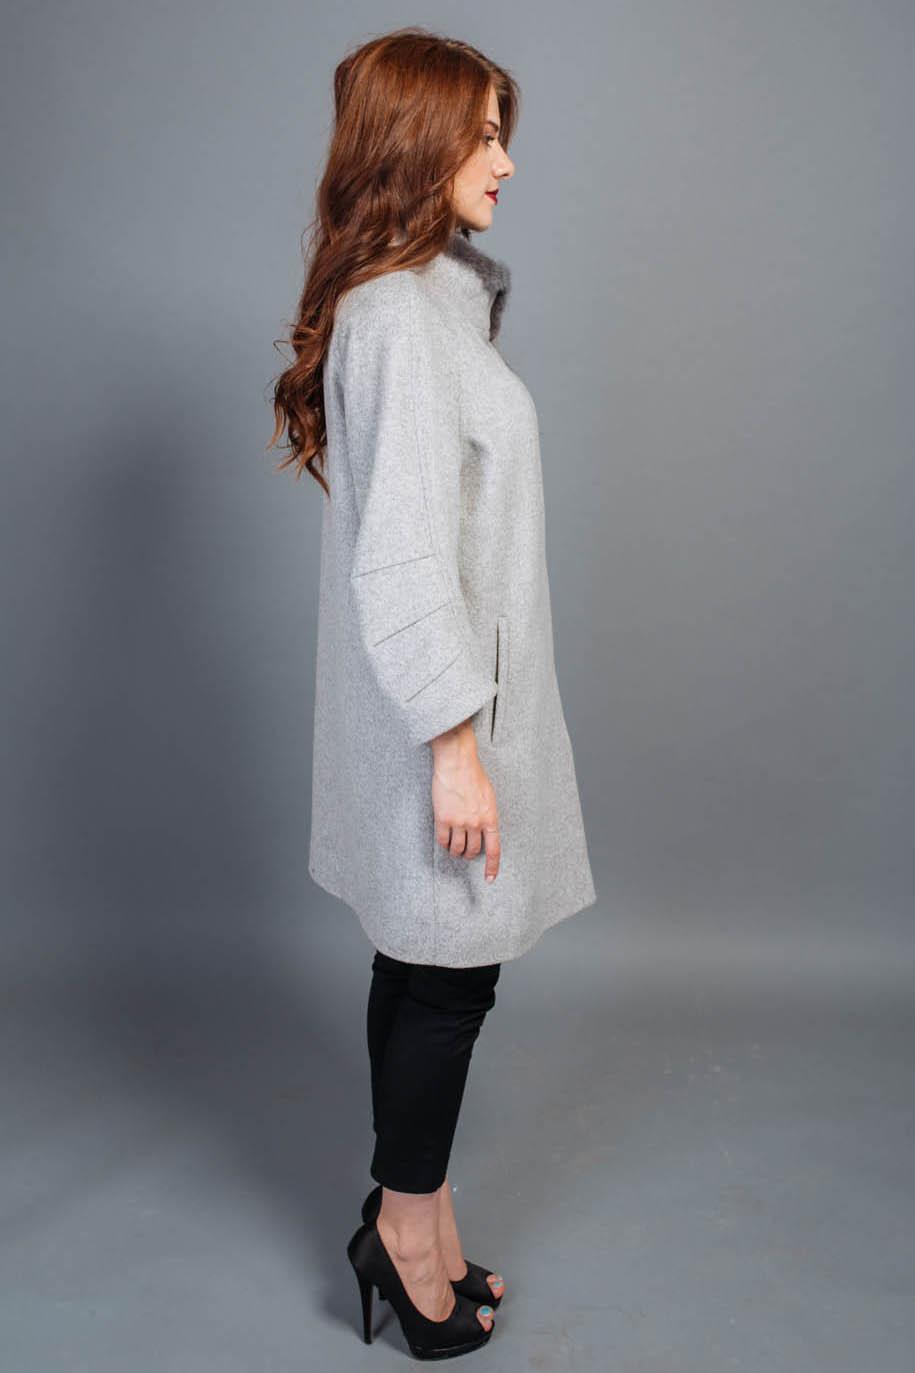 Женское  полушерстяное пальто прямого кроя, на кнопках. Воротник стойка, оторочен норкой. Крой рукава реглан, длина рукава 6/7. Два кармана снаружи, один внутренний. К модели прилагается пояс.